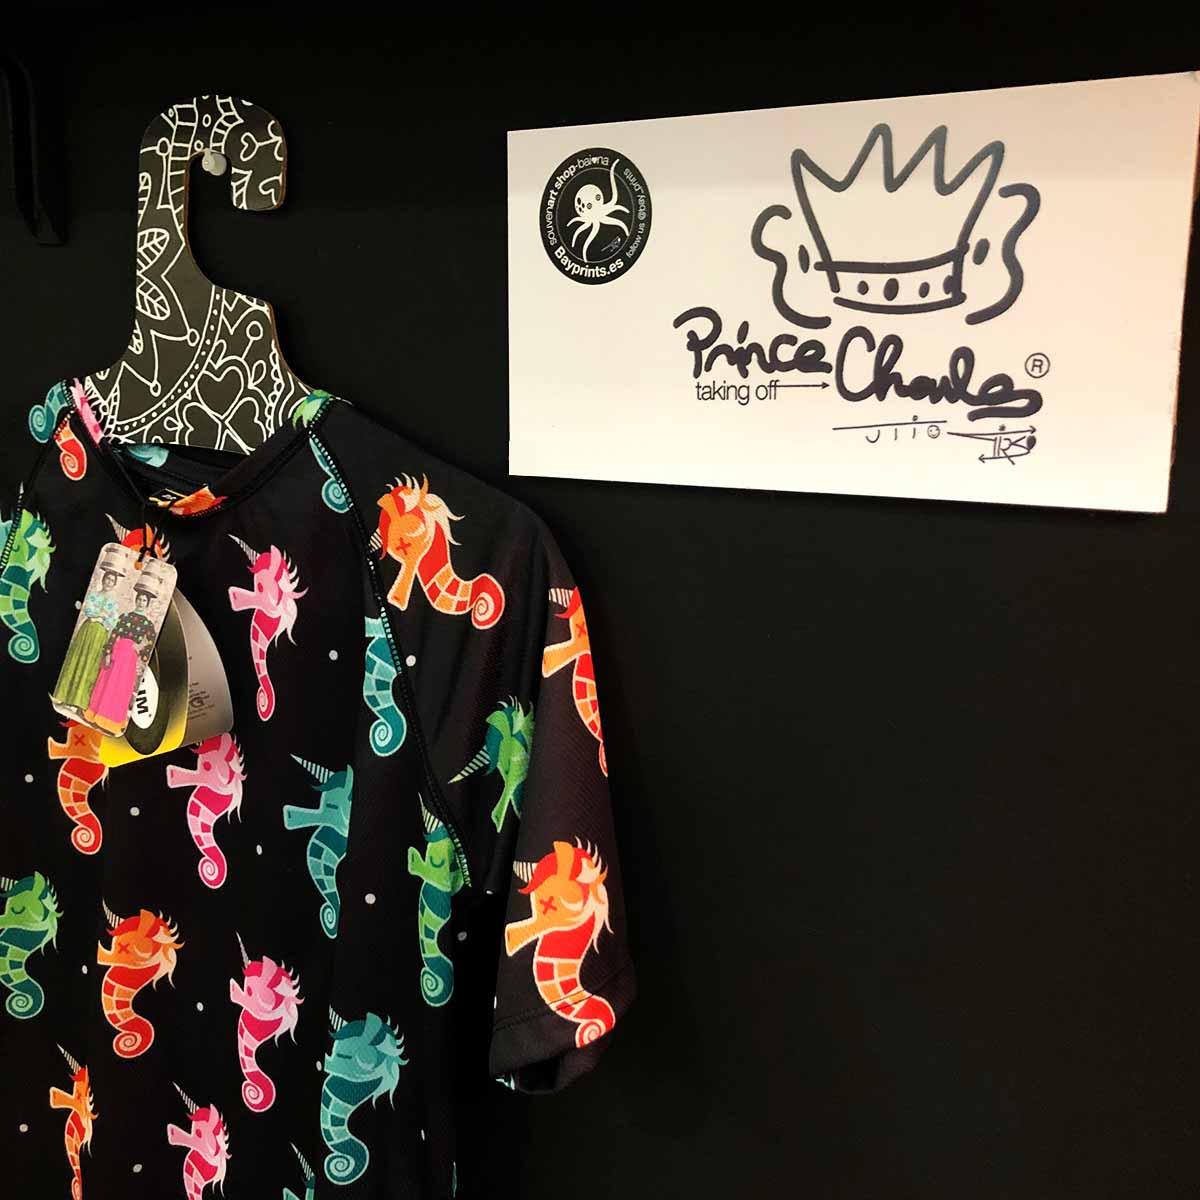 prince charles camiseta prenda fitness camisetas baiona souvenirs souvenir shop baiona tienda regalos baiona sounirs creativos originales bayprints baiona